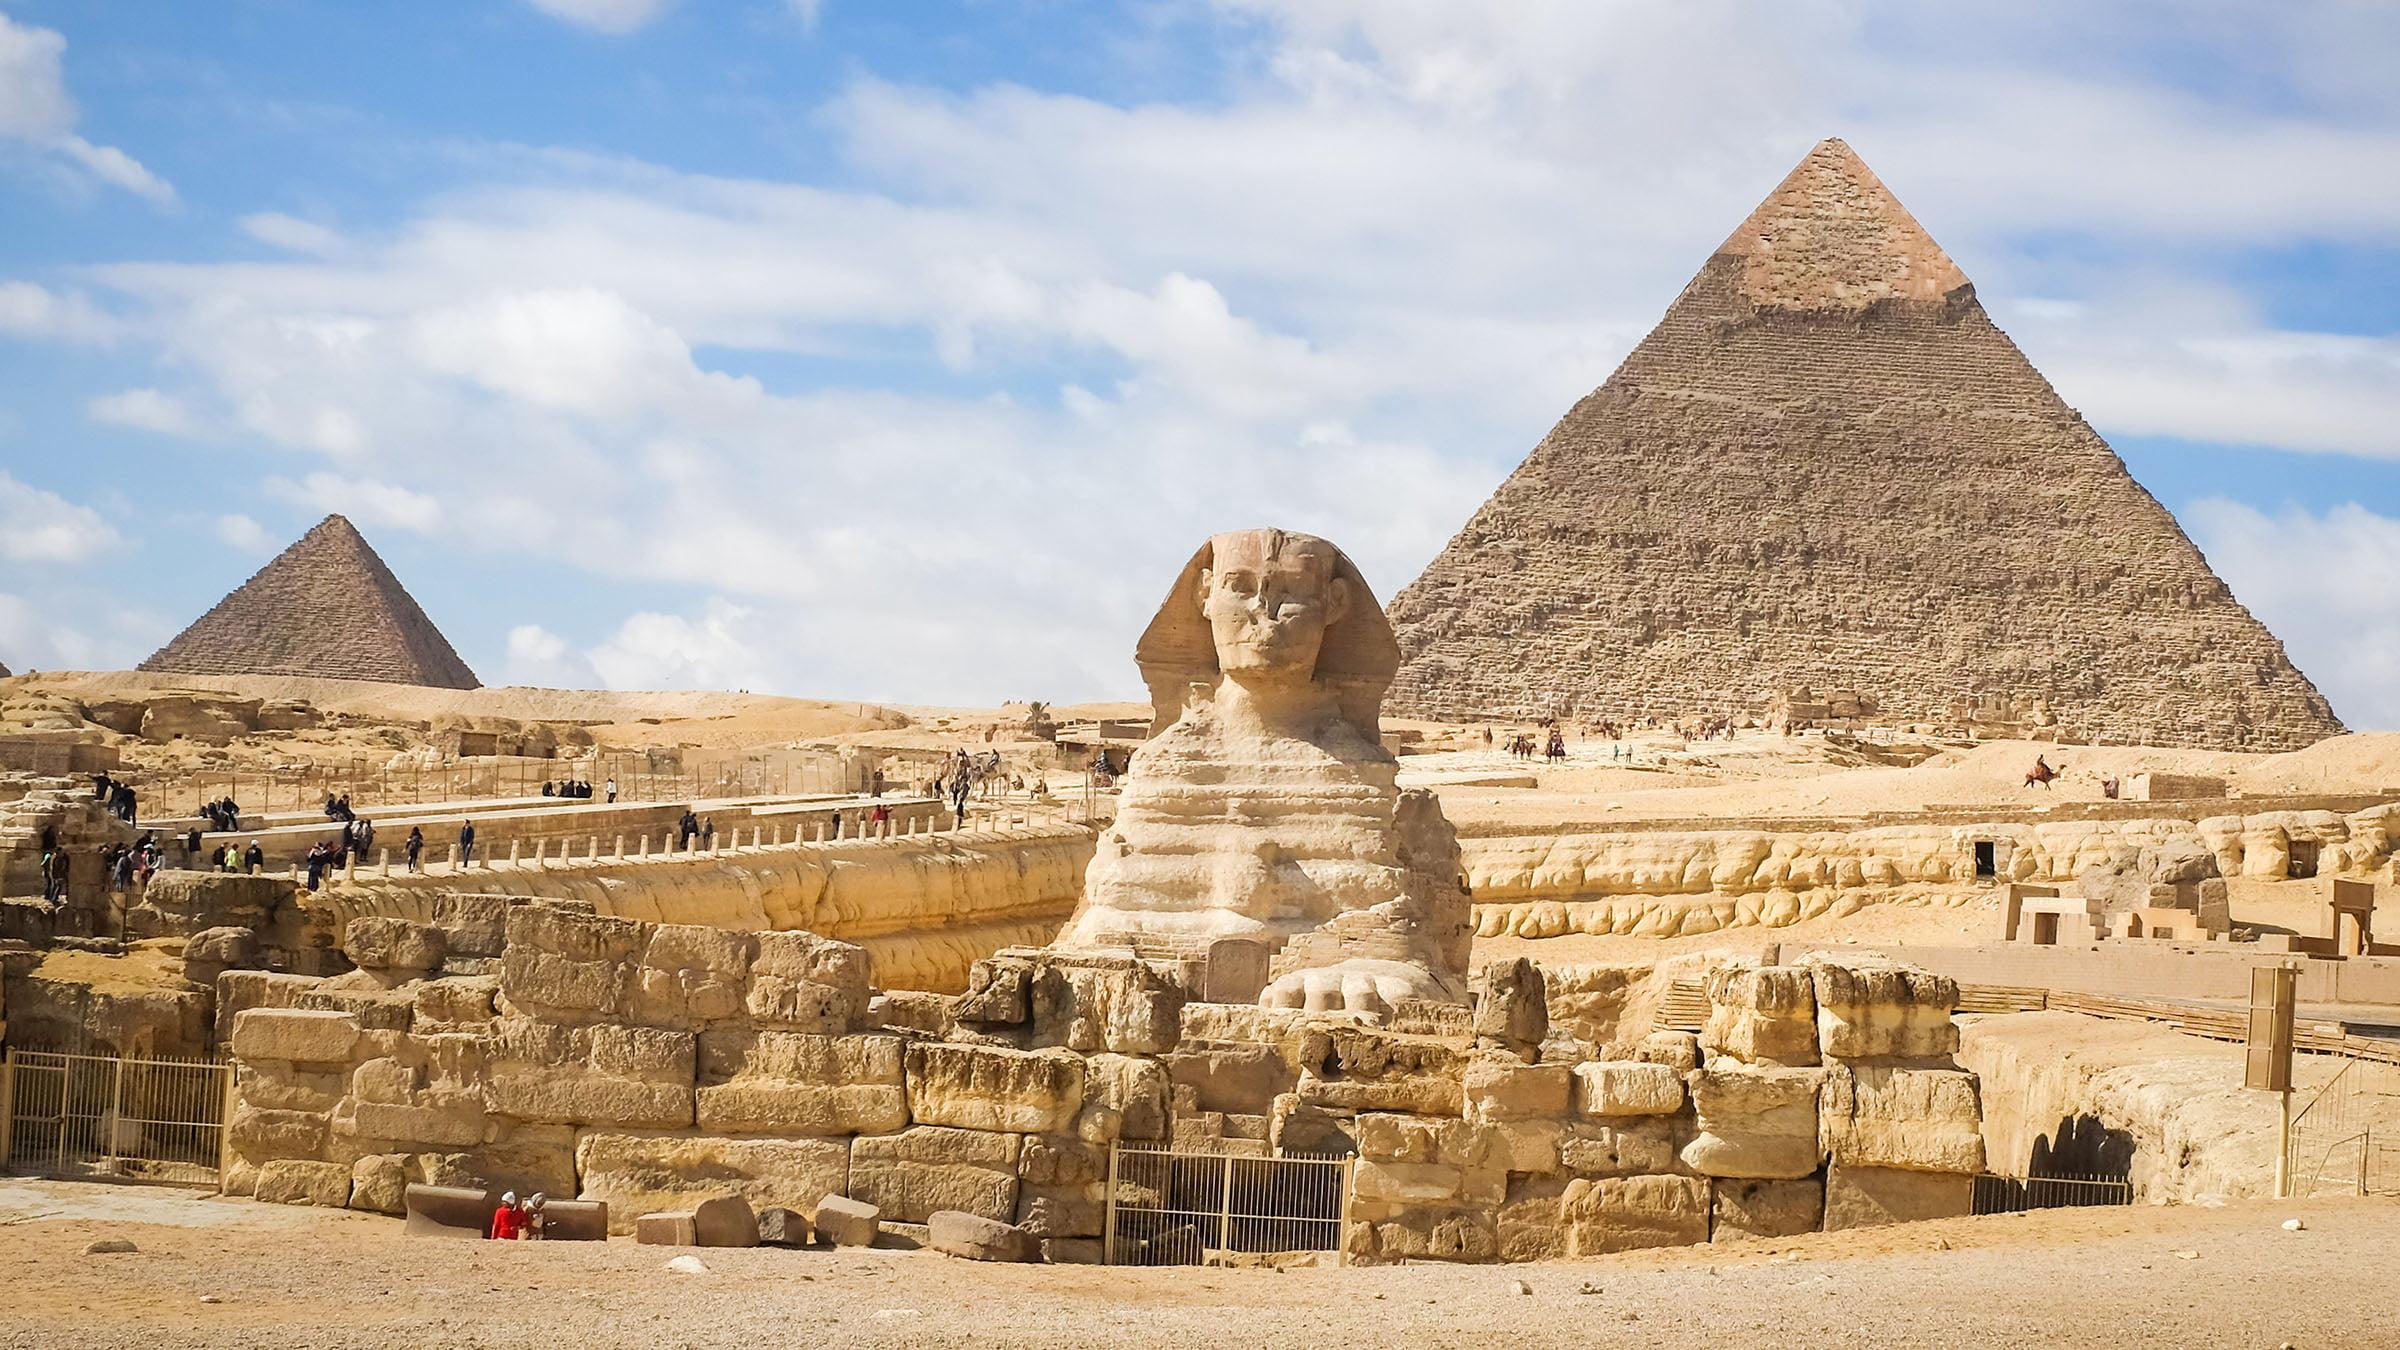 las dinastías egipcias cronología resumen y principales faraones